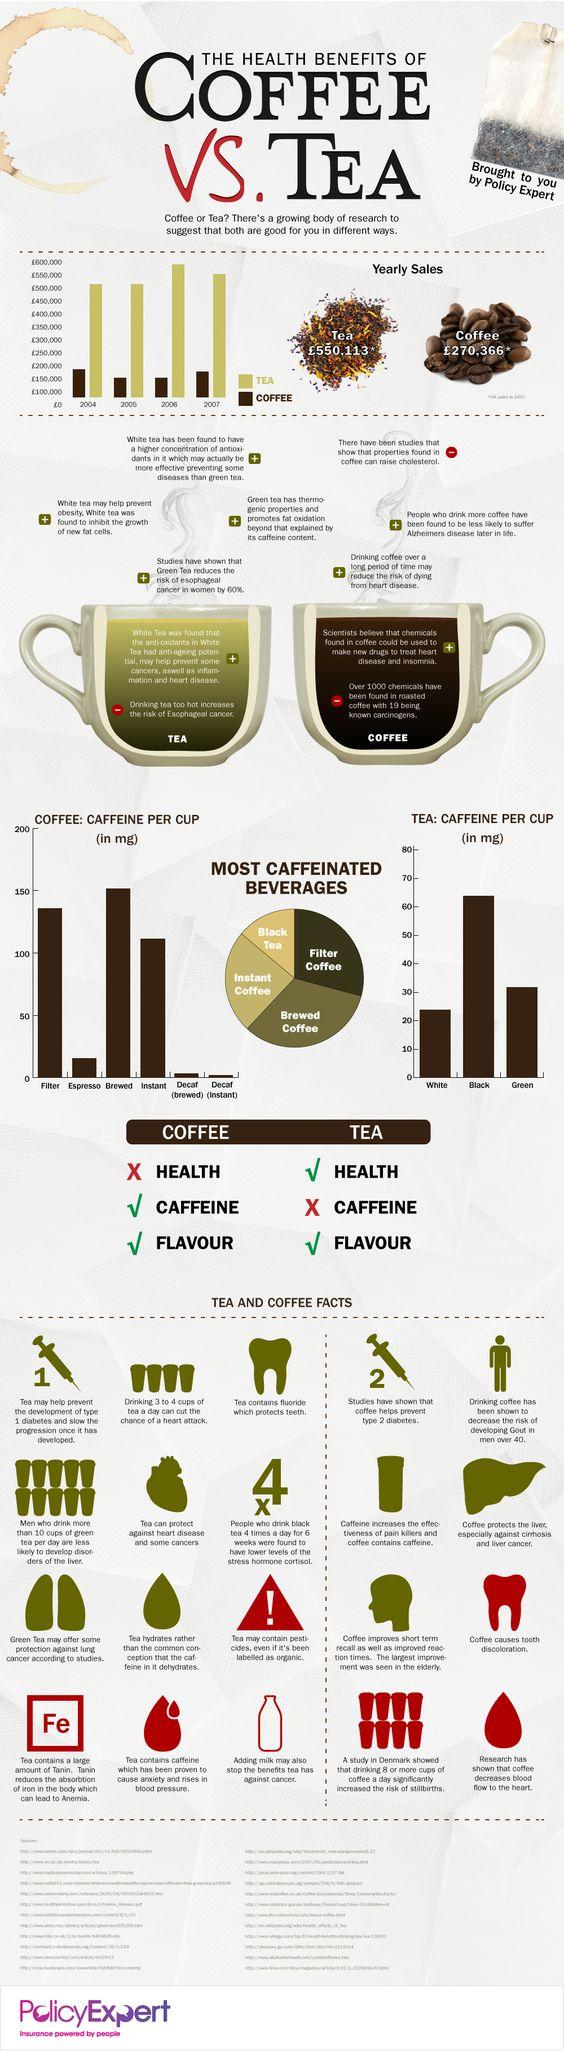 The Health Benefits of Coffee versus Tea